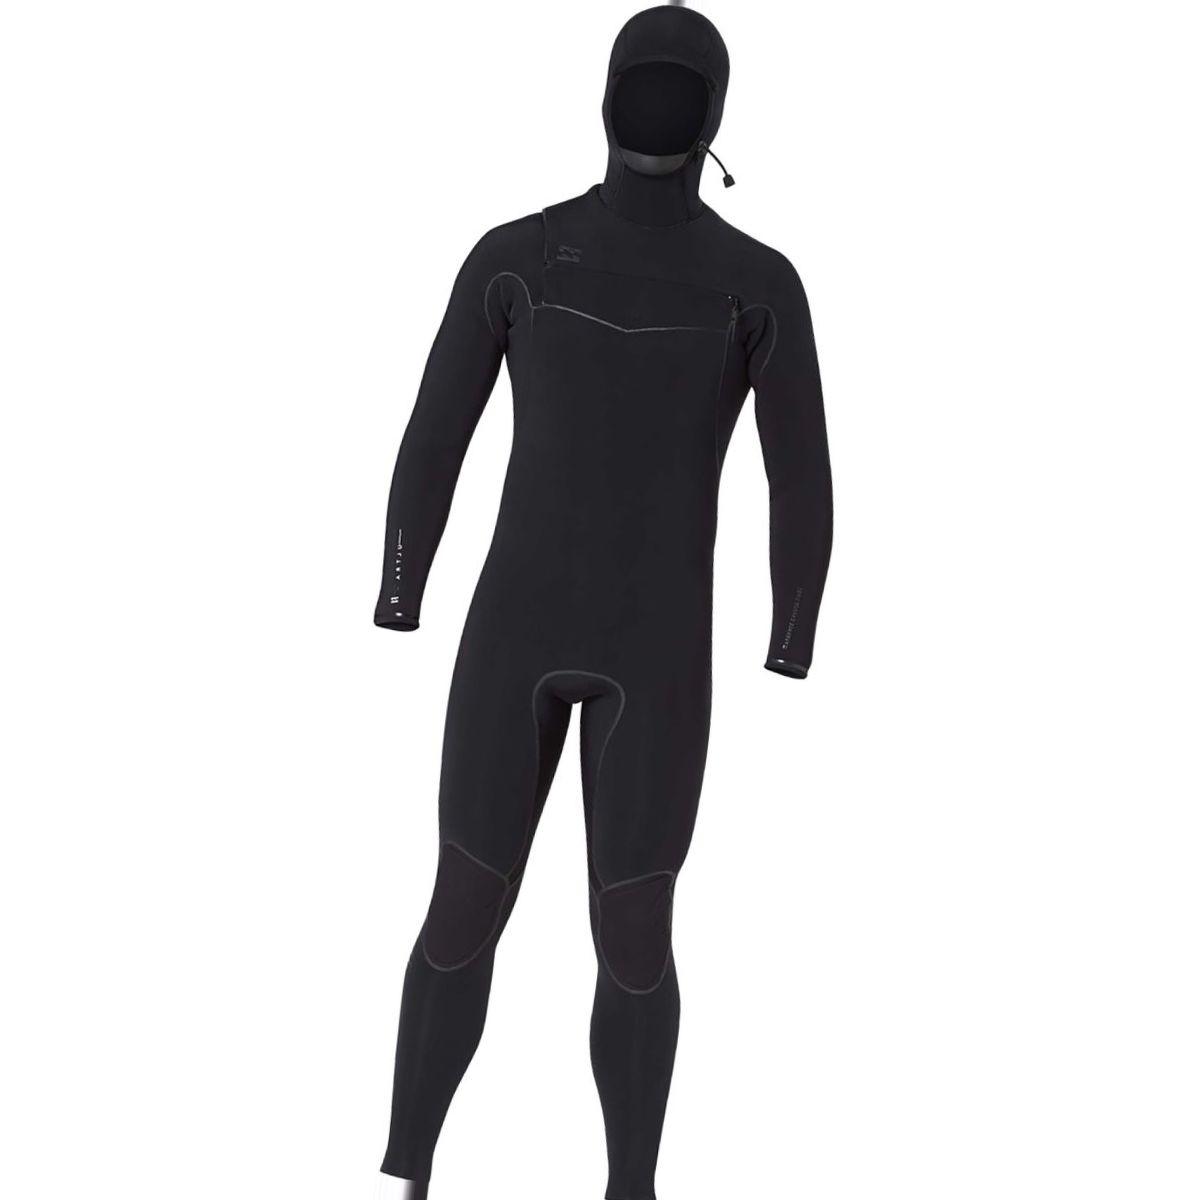 Billabong 5/4 Furnace Carbon Ultra Hooded Chest Zip Wetsuit - Men's